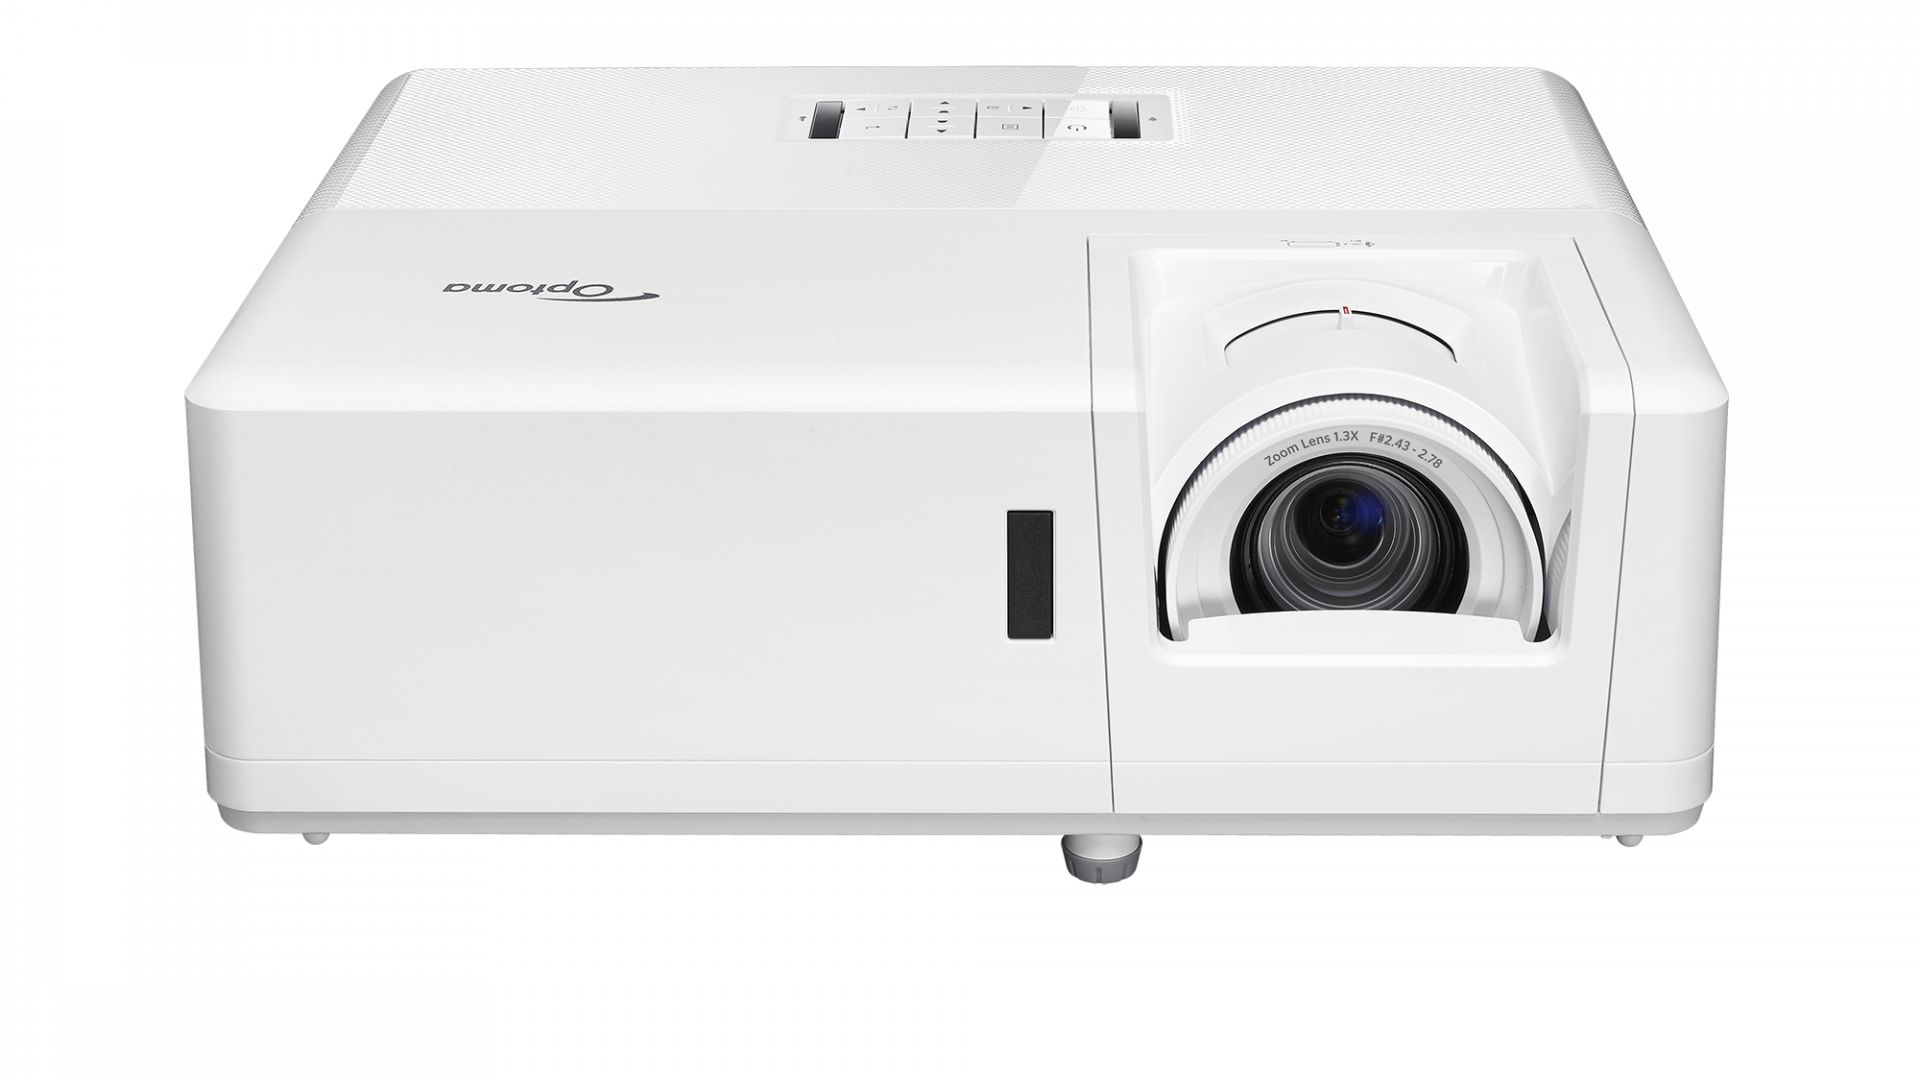 Projektor Optoma ZW403 - DARMOWA DOSTWA PROJEKTORA! Projektory, ekrany, tablice interaktywne - Profesjonalne doradztwo - Kontakt: 71 784 97 60